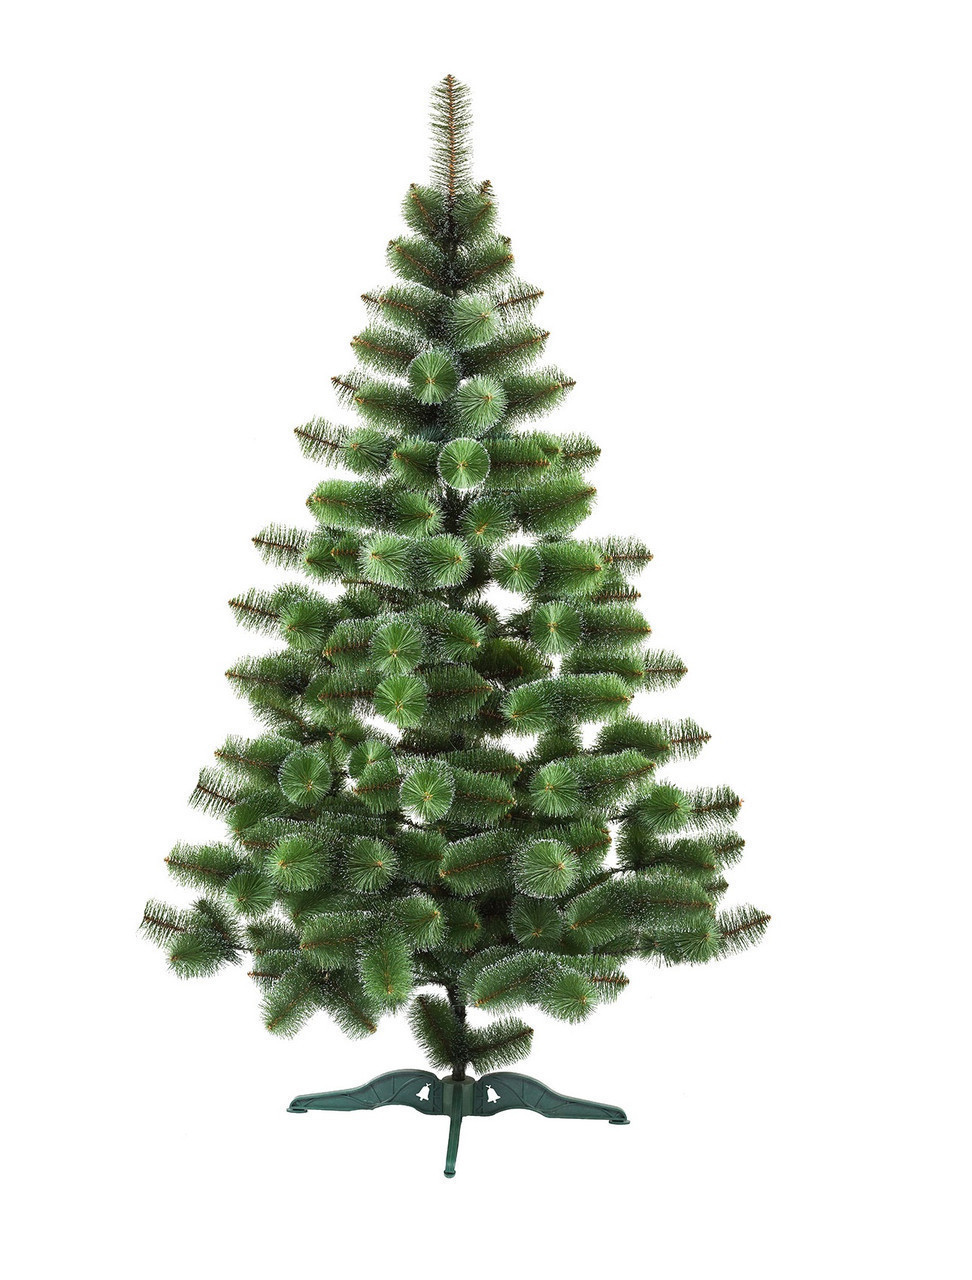 Сосна искусственная Bonita 3.0 м Новогодняя зеленая с белыми кончиками СШ-БК-3,00